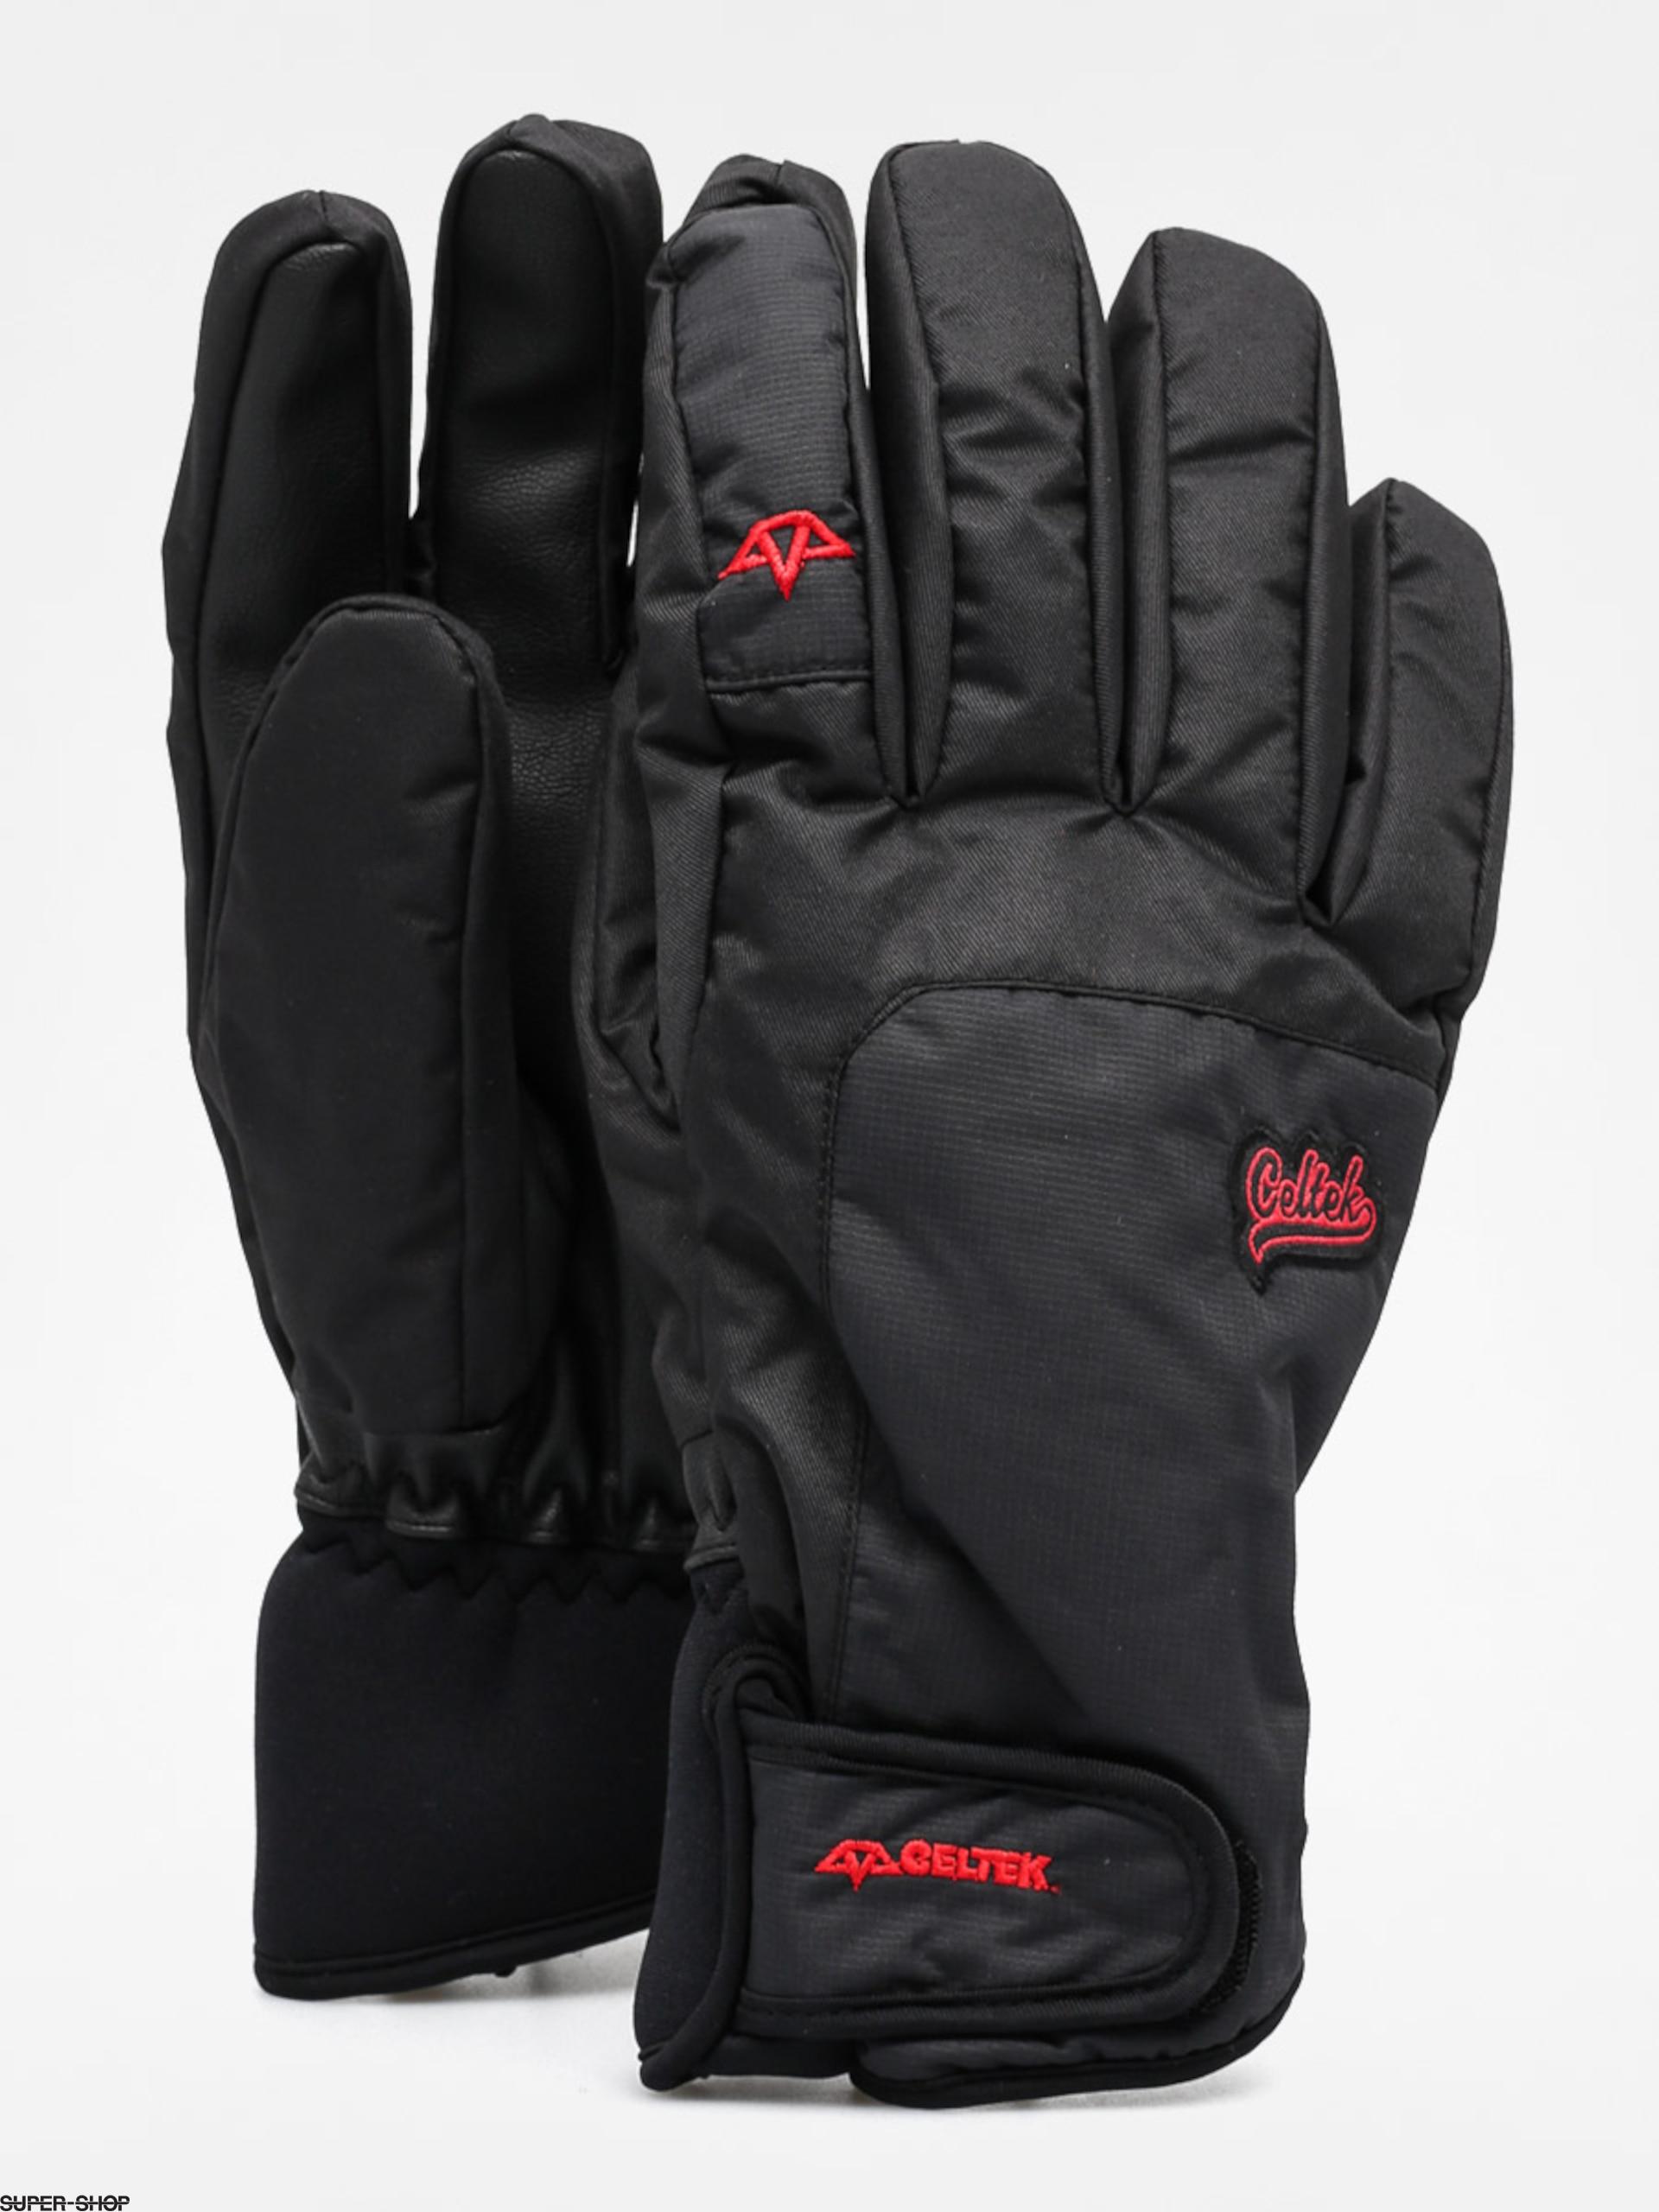 407258365fe 759985-w1920-celtek-gloves-faded-black.jpg